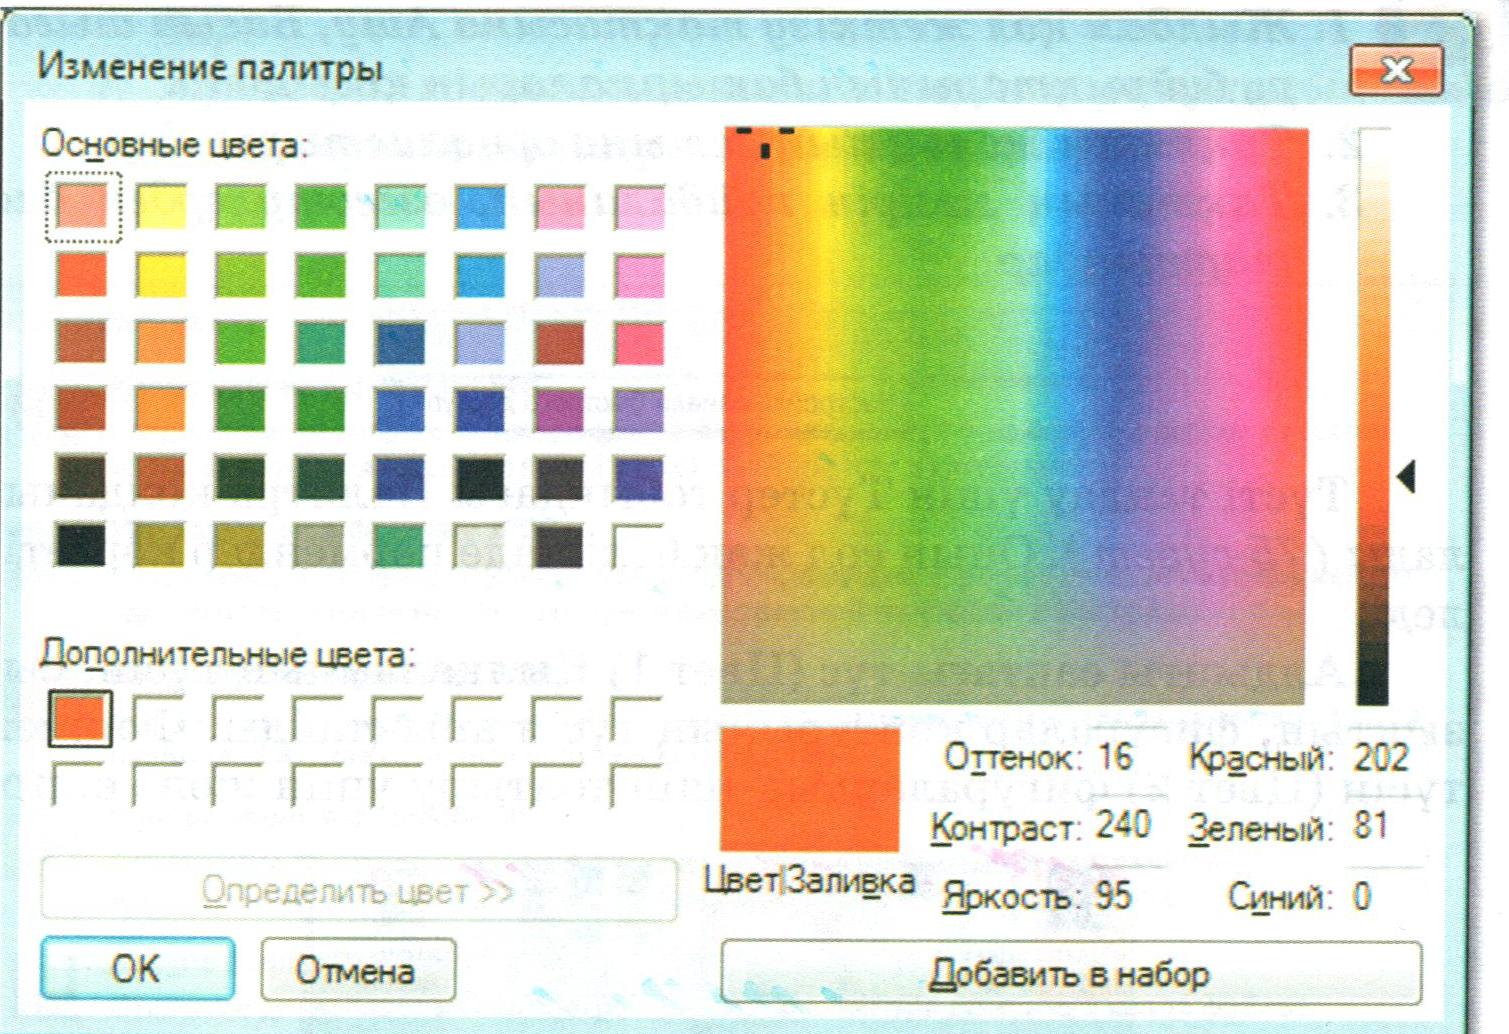 Закраска всего рисунка одним цветом - Форум сайта фотошоп-мастер 62